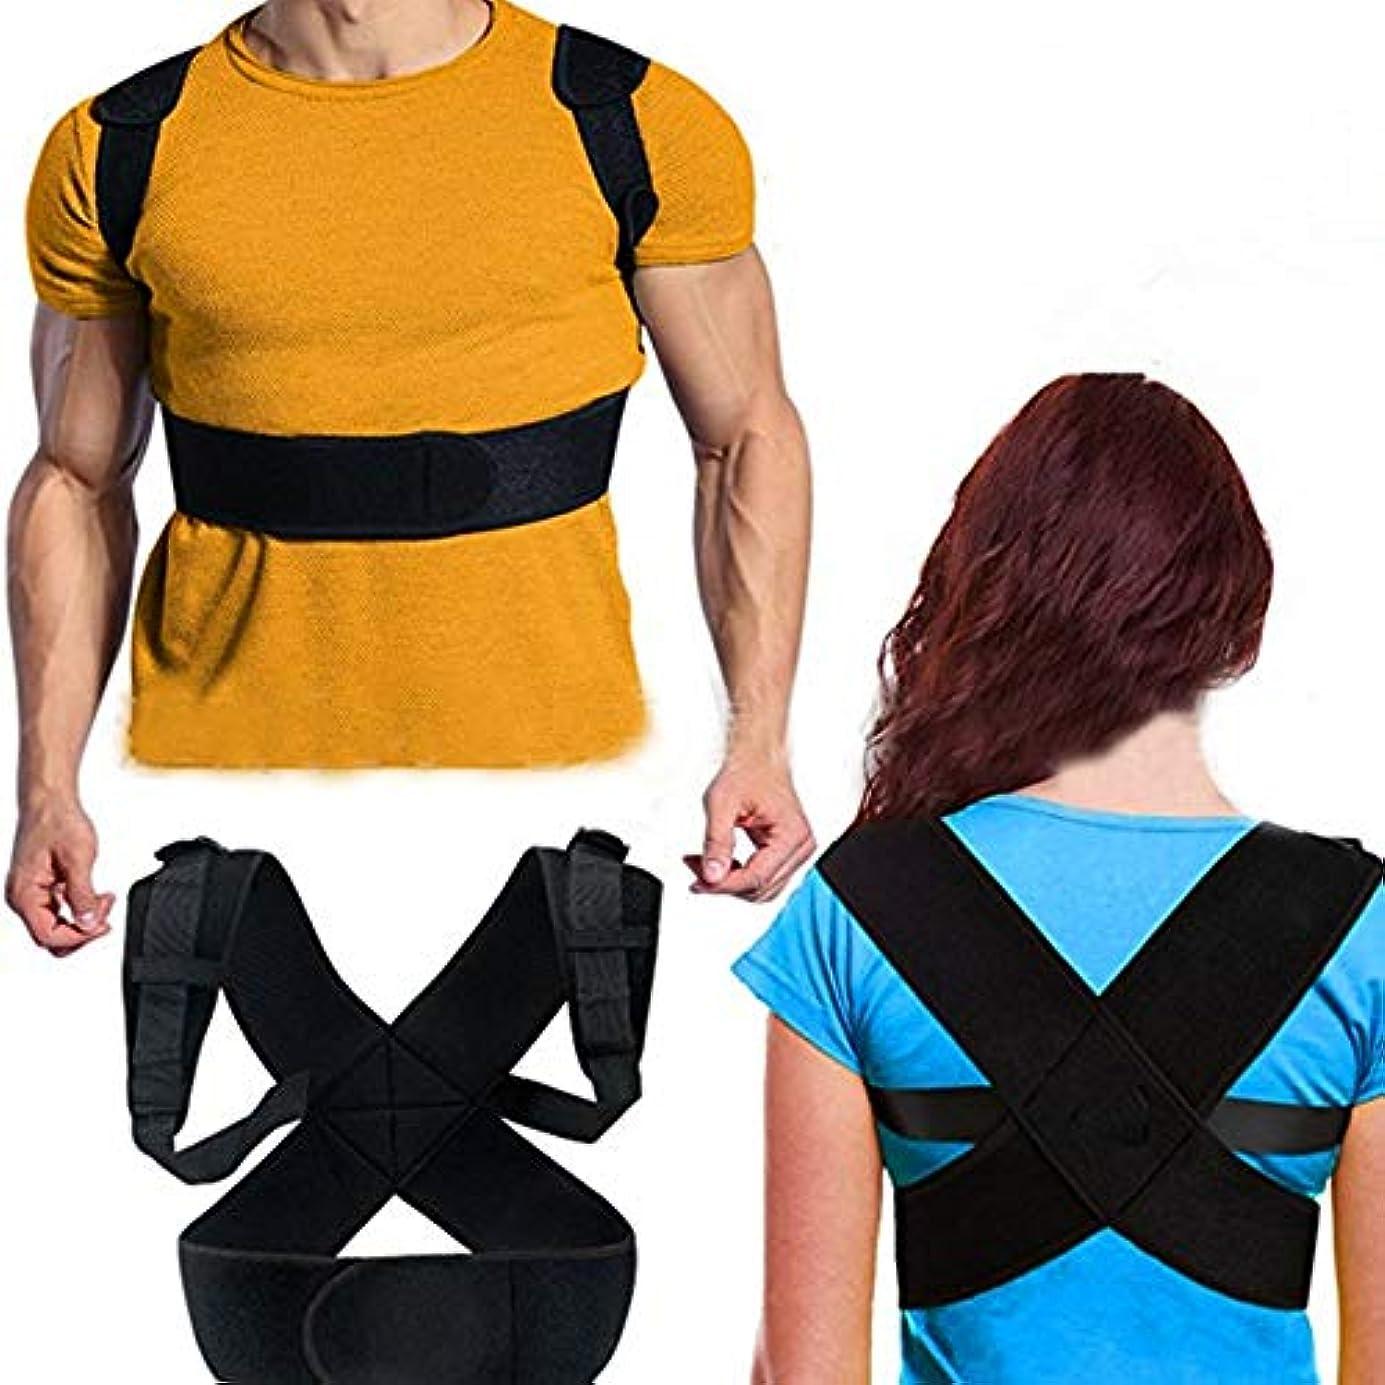 猫背 姿勢矯正ベルト 背筋矯正サポーター背筋 補正 ベルト 肩こり 解消 通気 脱着簡単 姿勢改善 歪み予防 男女兼用